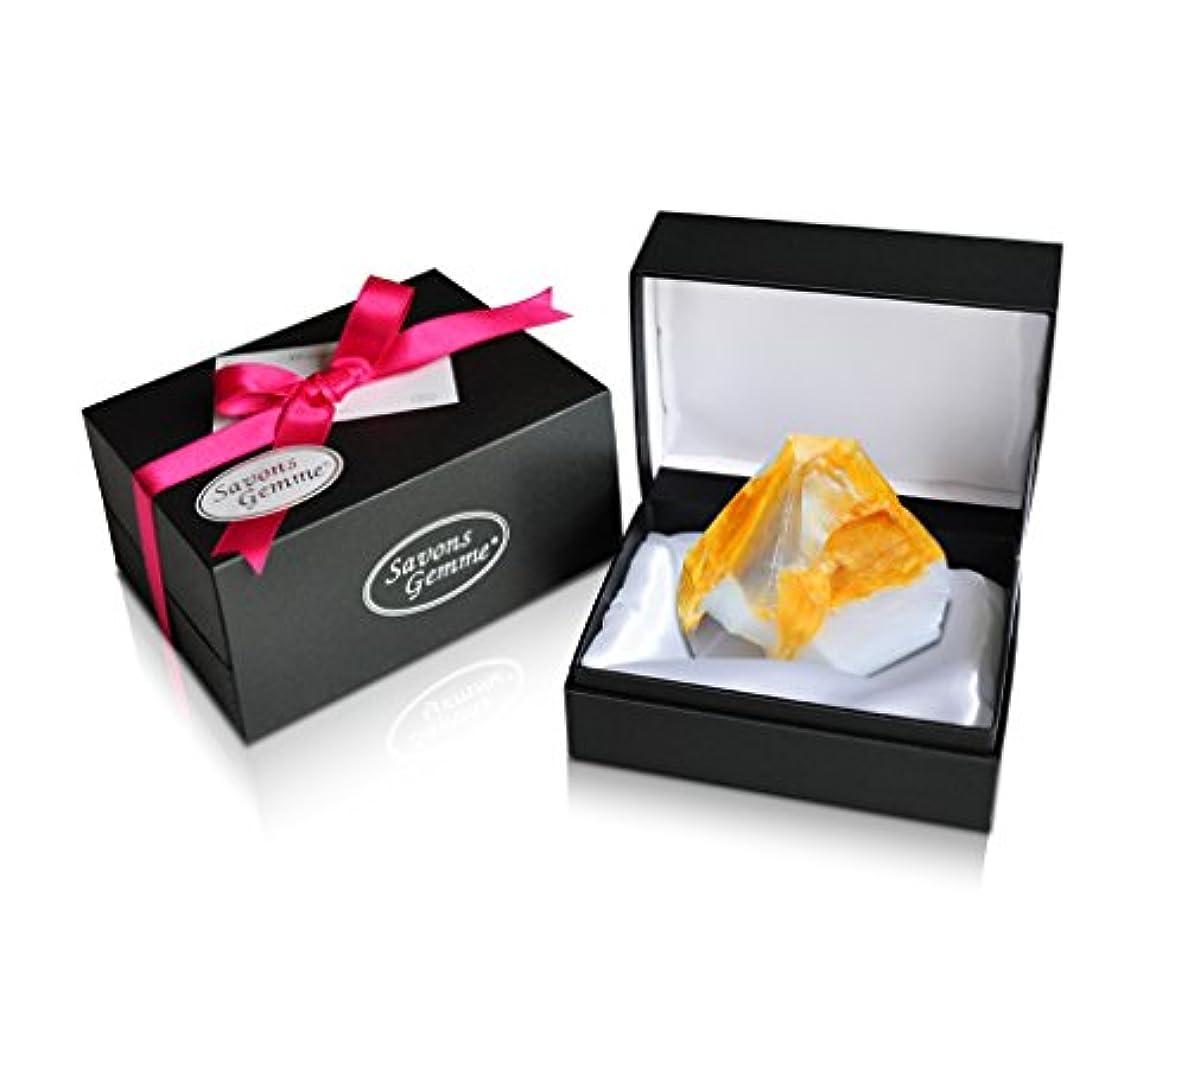 トマトアンデス山脈証書Savons Gemme サボンジェム ジュエリーギフトボックス 世界で一番美しい宝石石鹸 フレグランス ソープ 宝石箱のようなラグジュアリー感を演出 アルバトールオリエンタル 170g 【日本総代理店品】